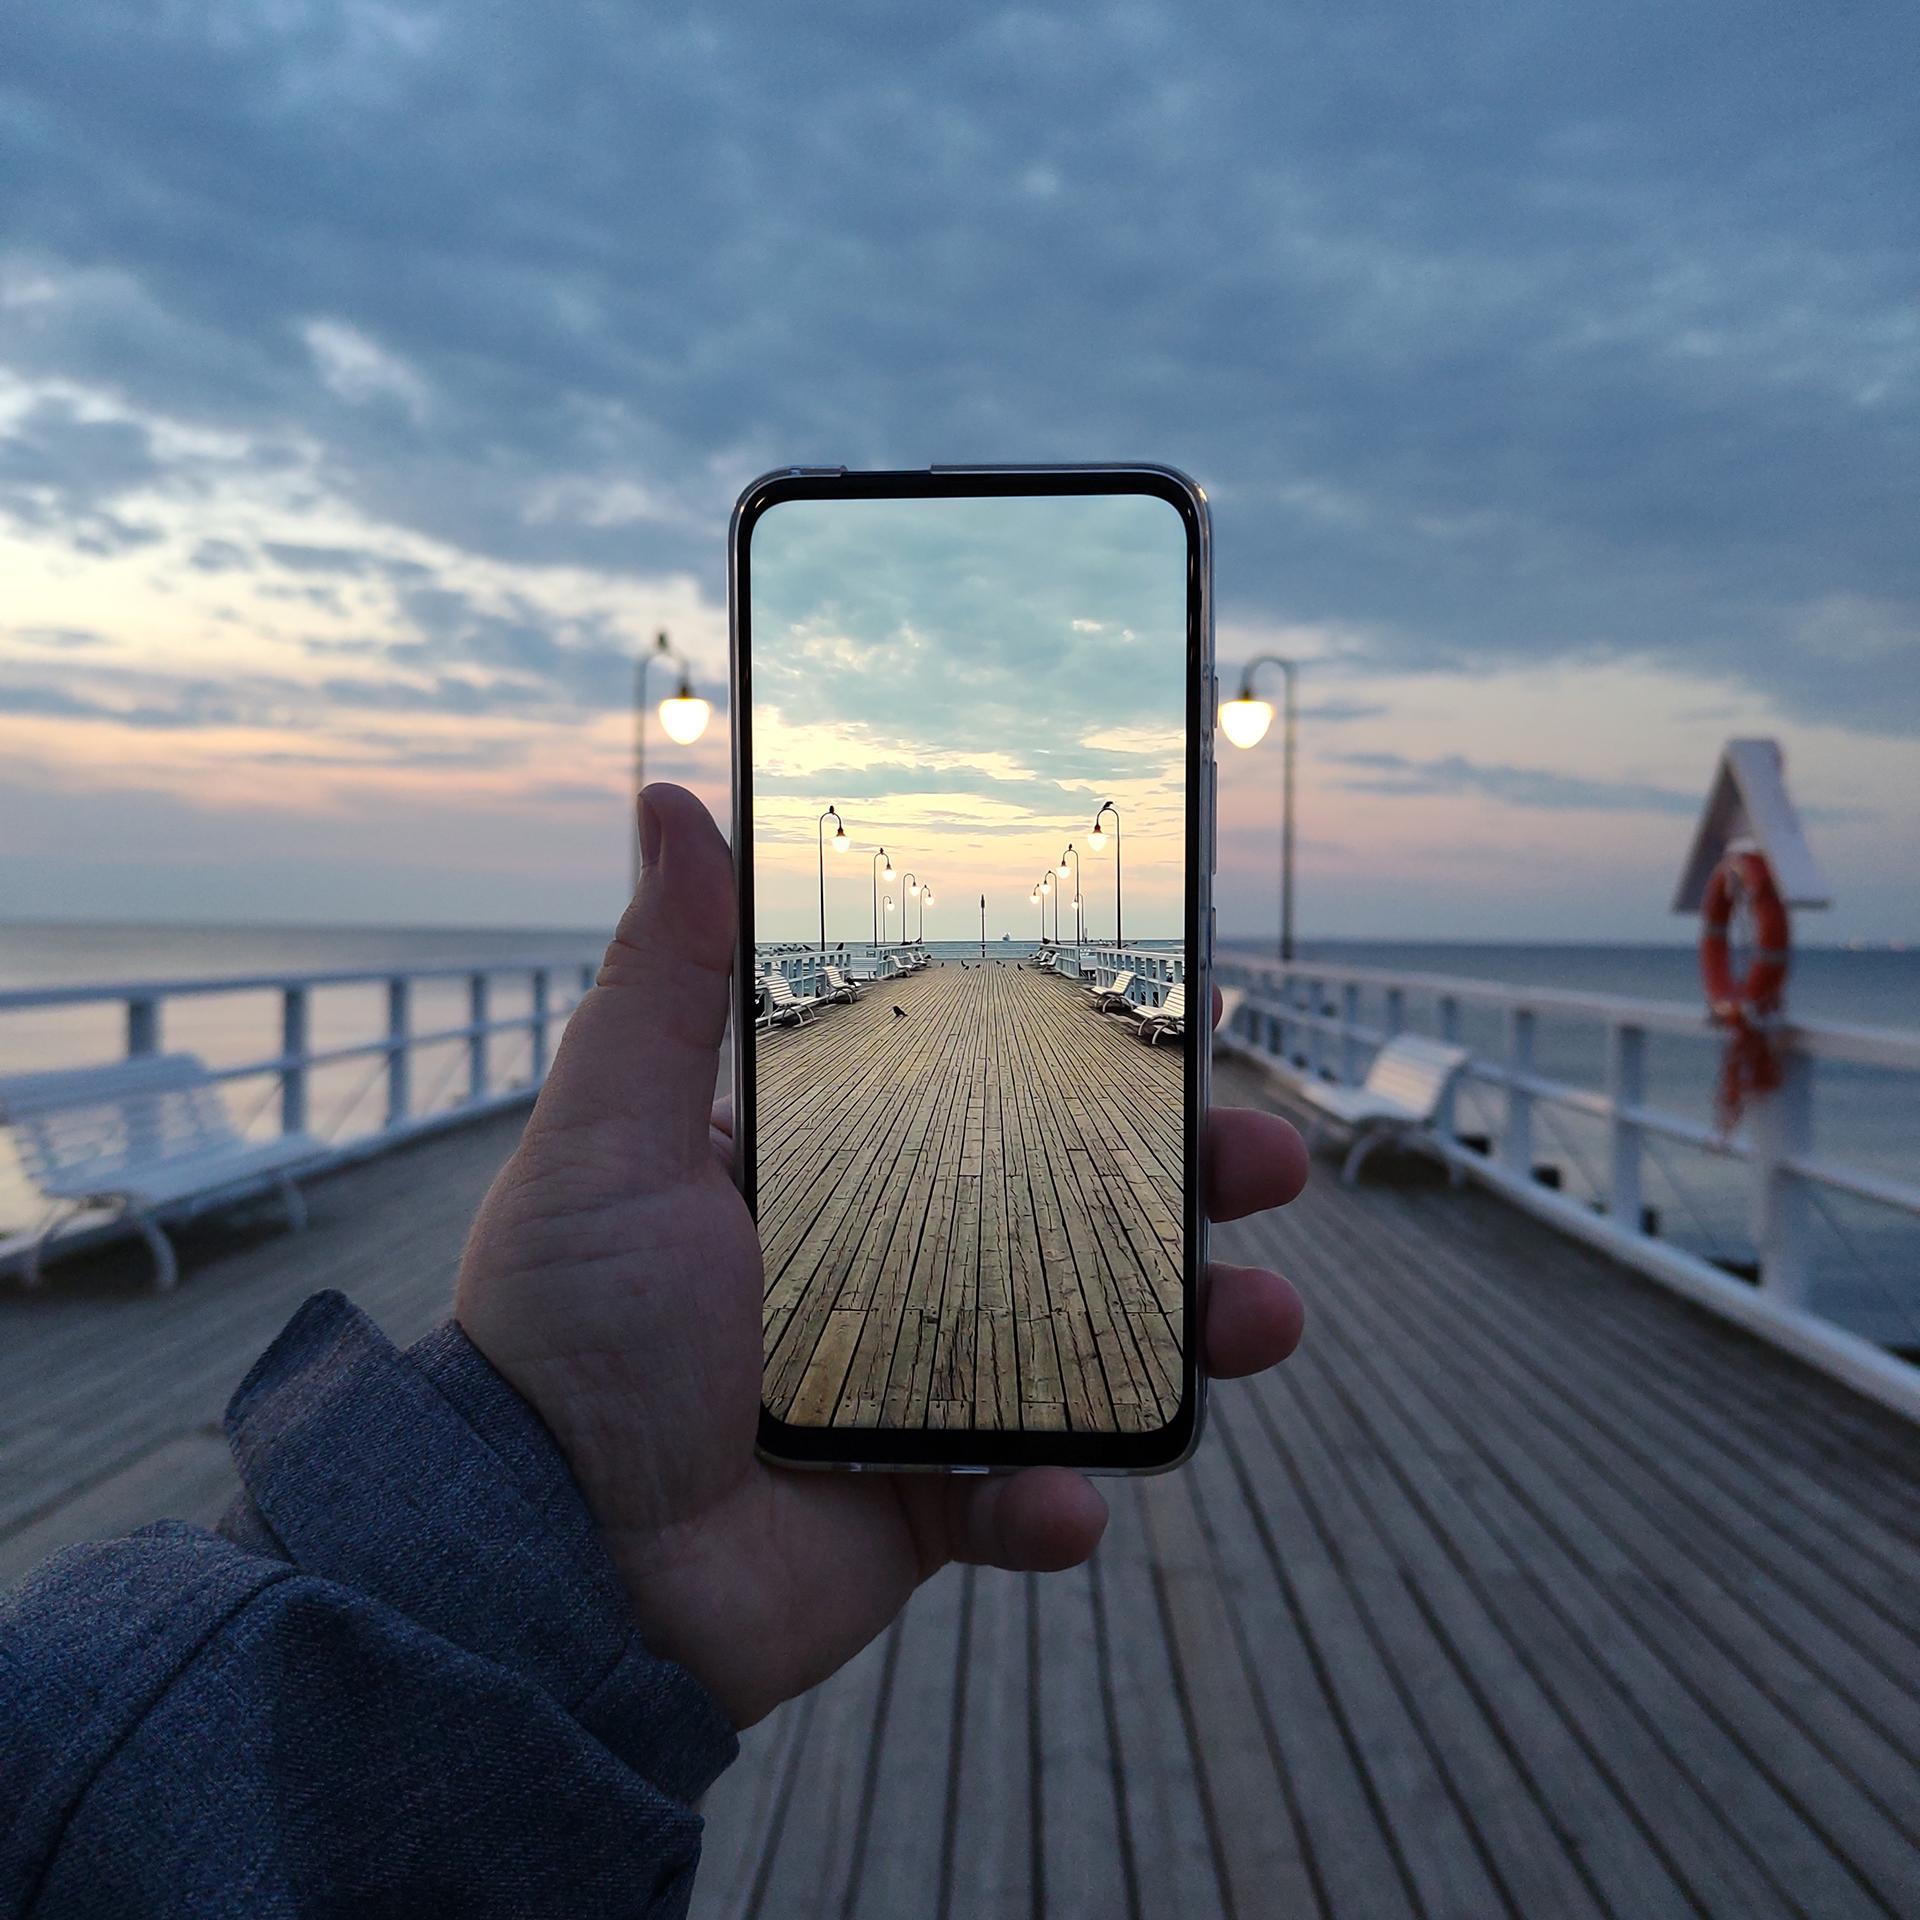 Zdjęcie zPoradnika Fotografii Mobilnej przedstawia rękę trzymającą smartfon Motorola One Fusion Plus natle wschodu słońca namolo wGdyni Orłowie. Naekranie telefonu jest zdjęcie przedstawiające tosamo molo takzeskalowane, żetworzy ztłem jedną całość.